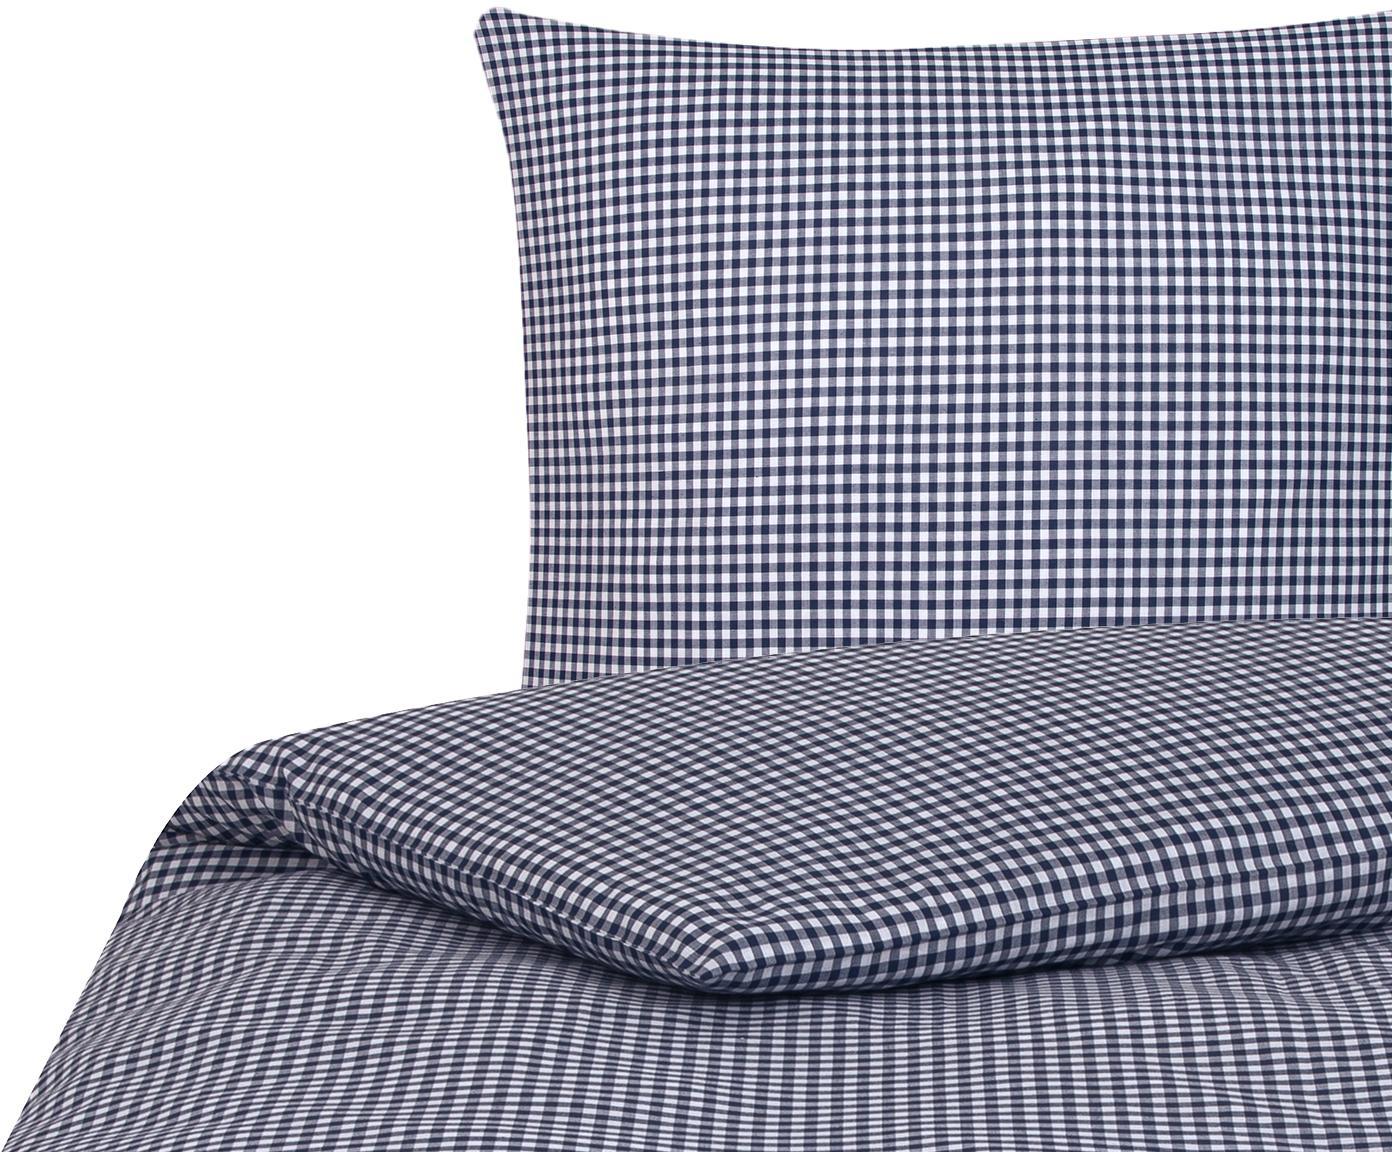 Pościel z bawełny Scotty, Bawełna, Niebieski, biały, 240 x 220 cm